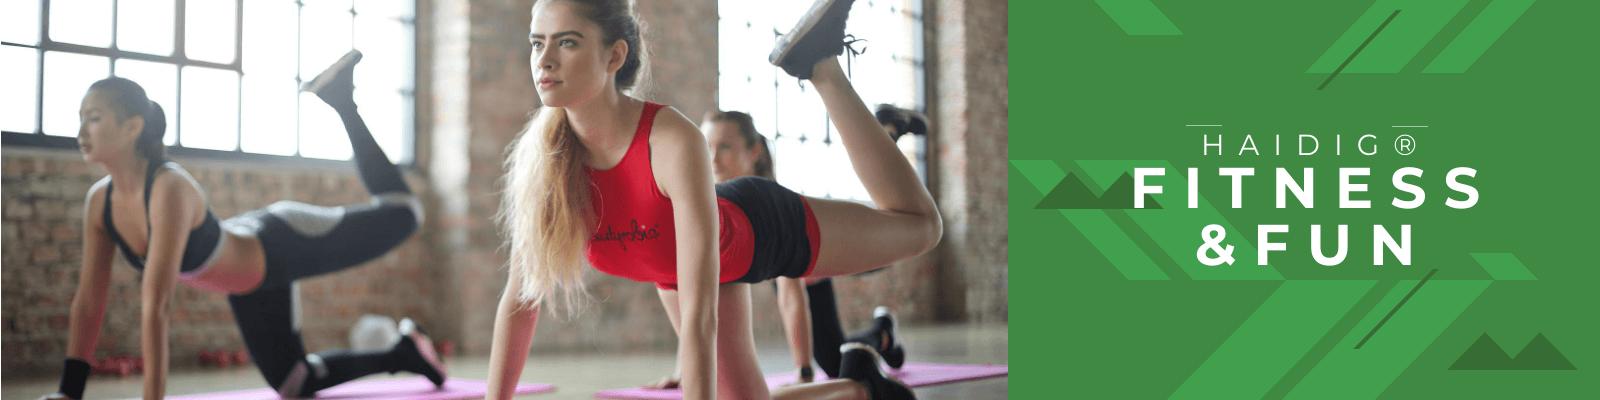 fitnessprodukte_von_therapiebedarf_haidig-1